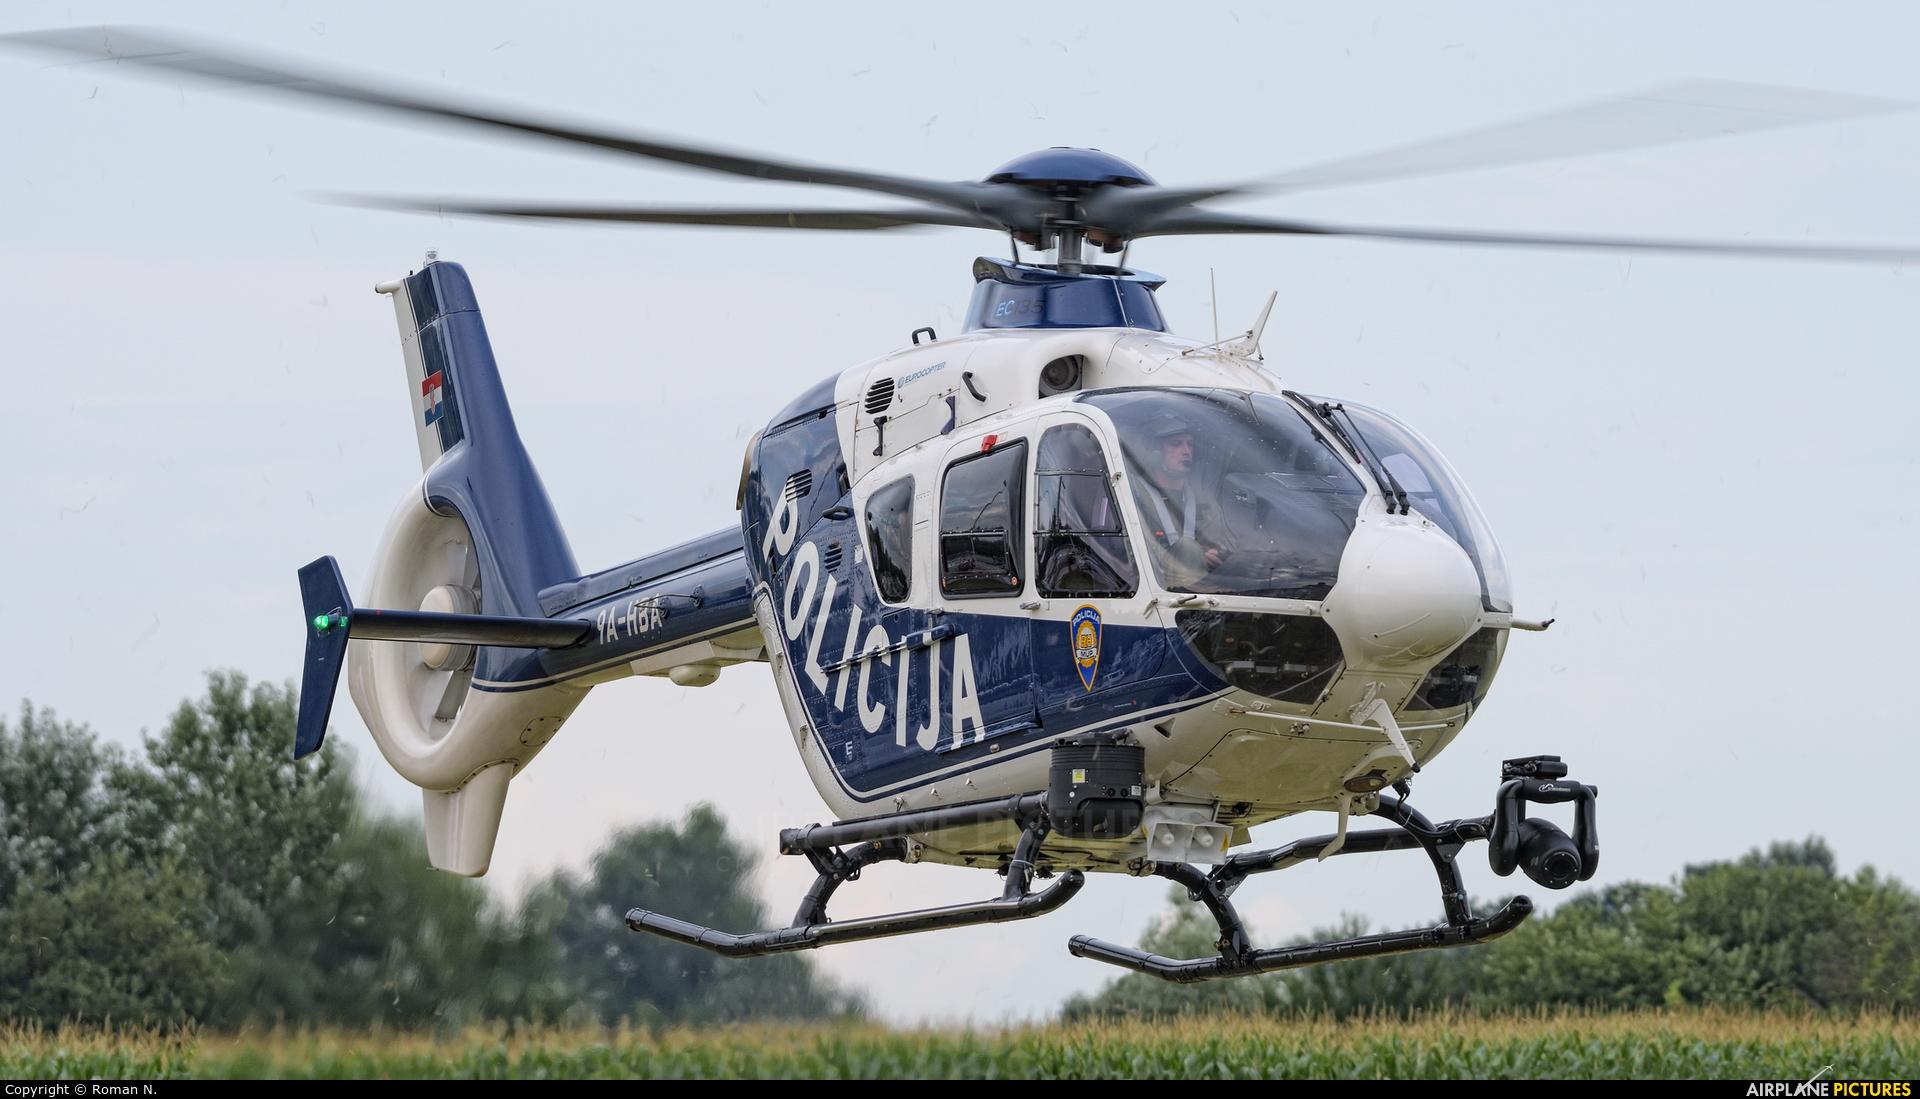 Croatia - Police 9A-HBA aircraft at Varazdin